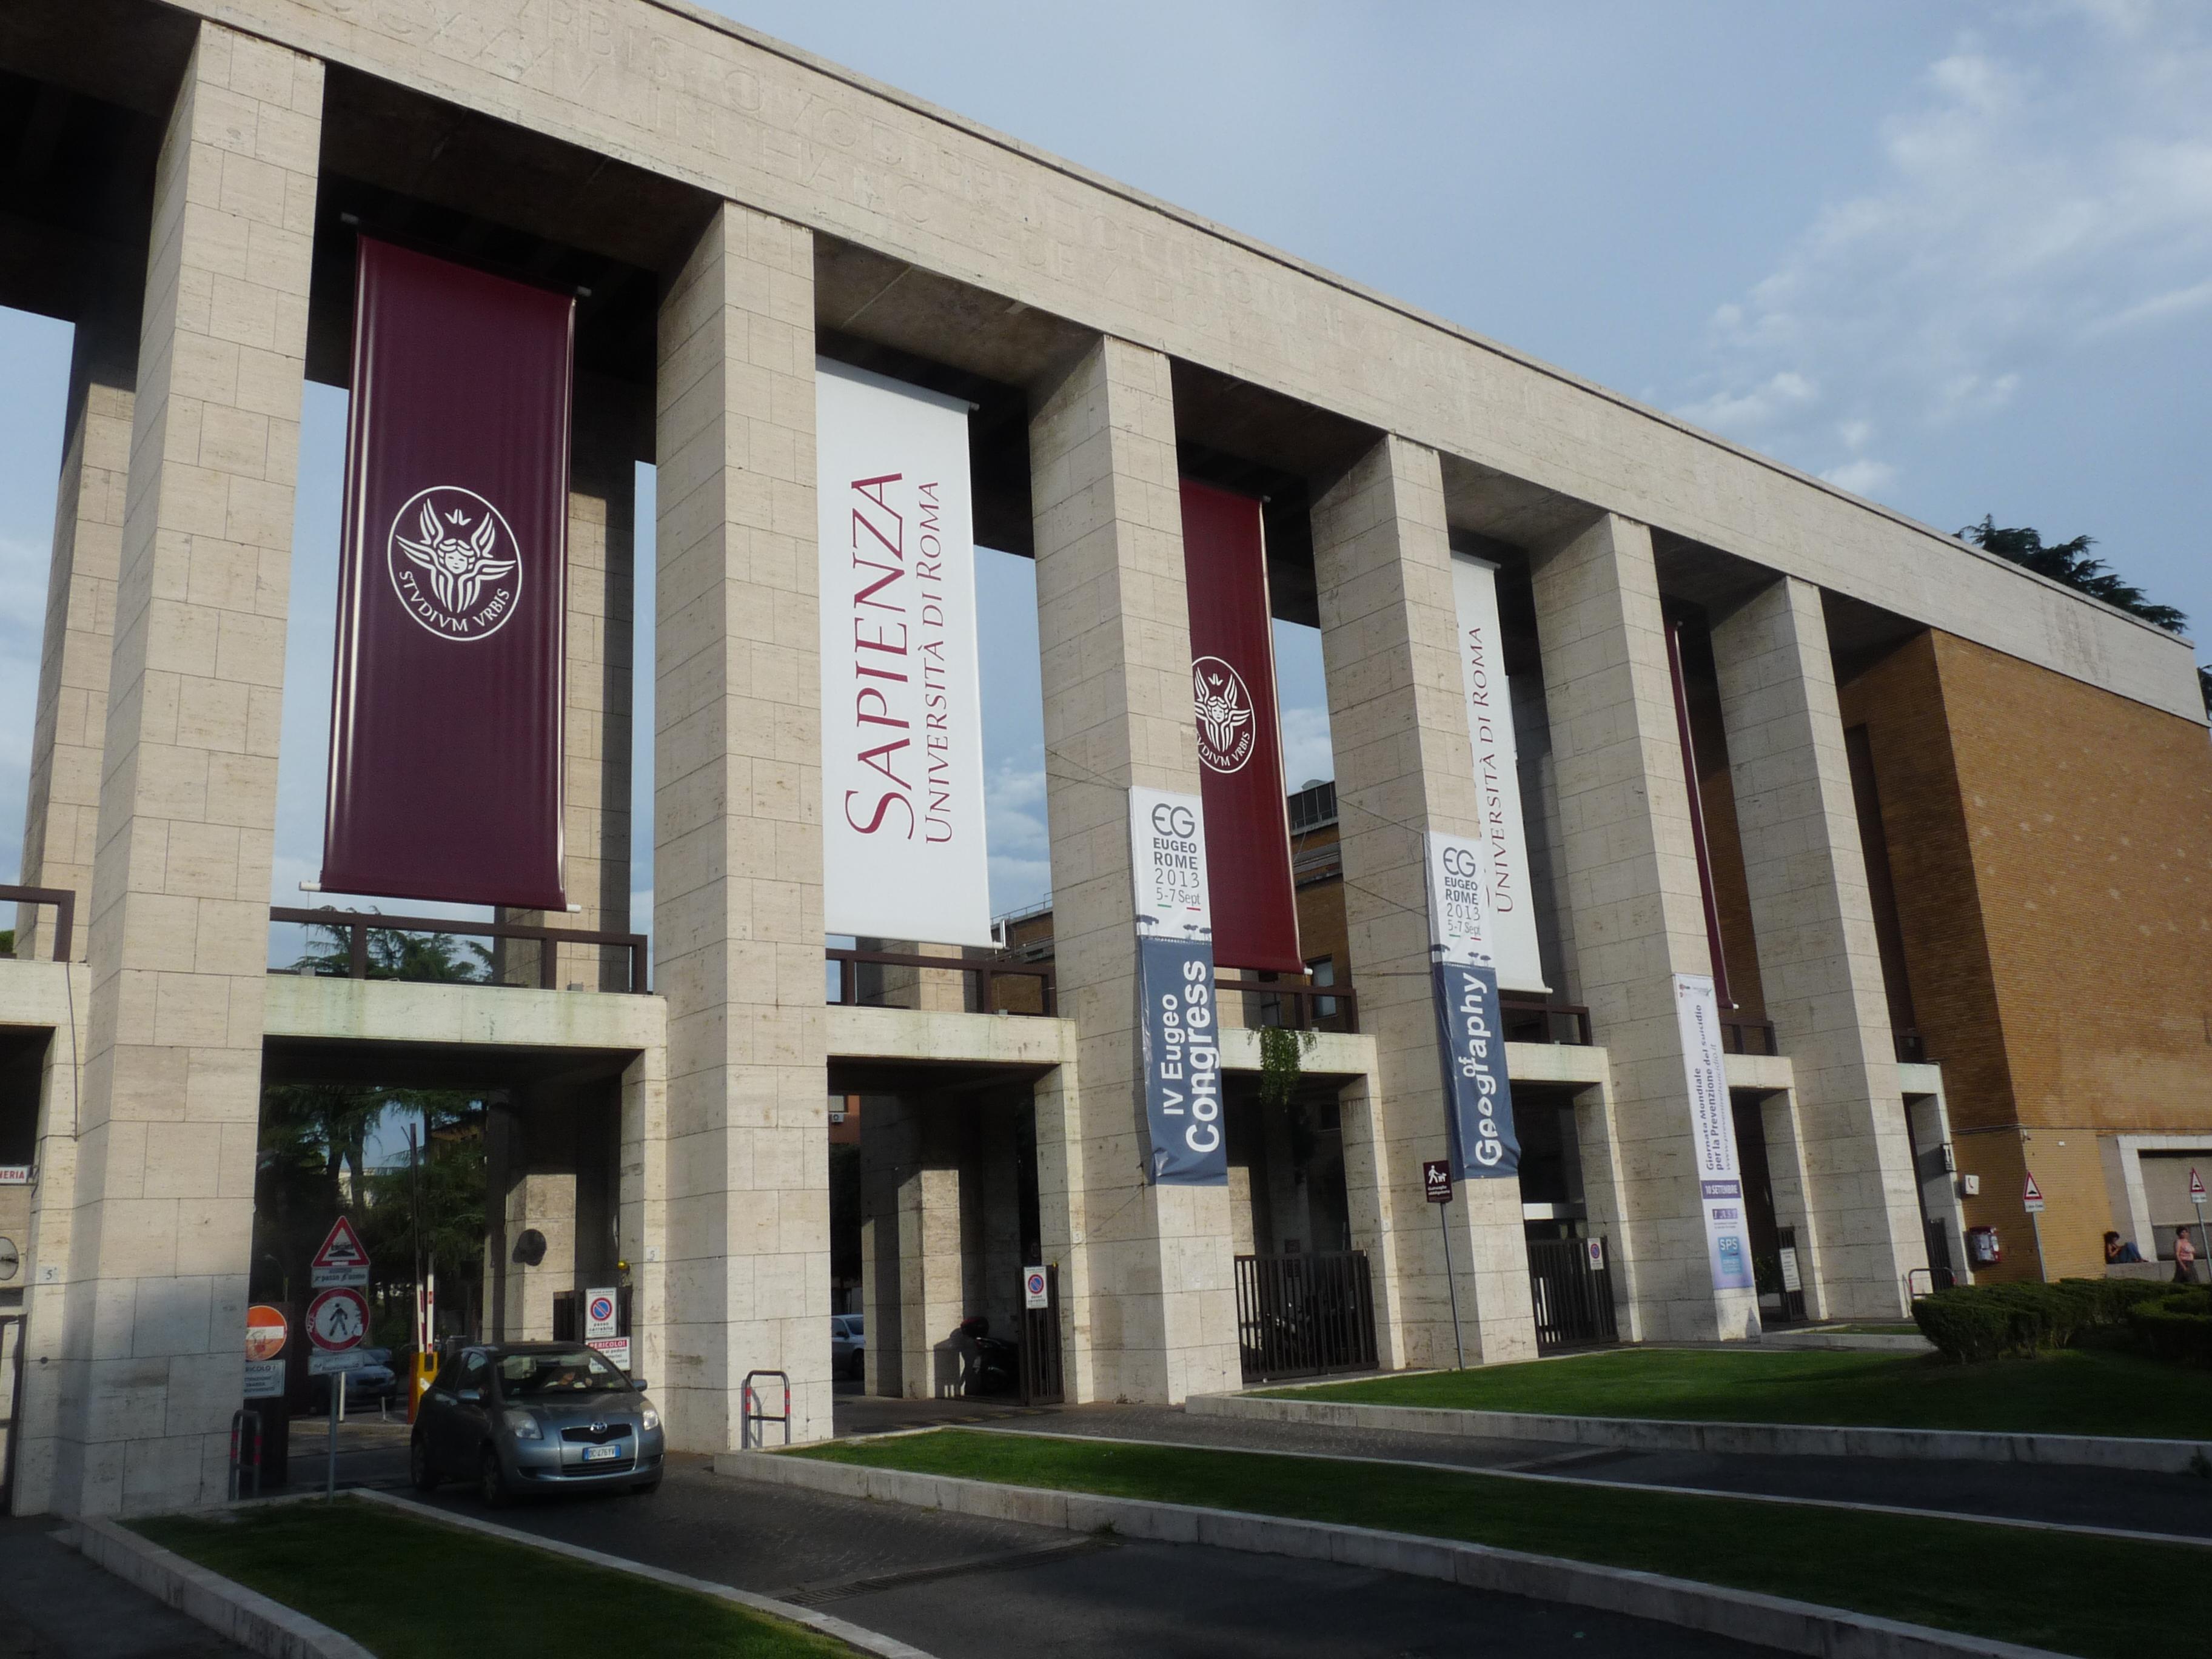 Universit degli studi di roma la sapienza for Elenco studi di architettura roma